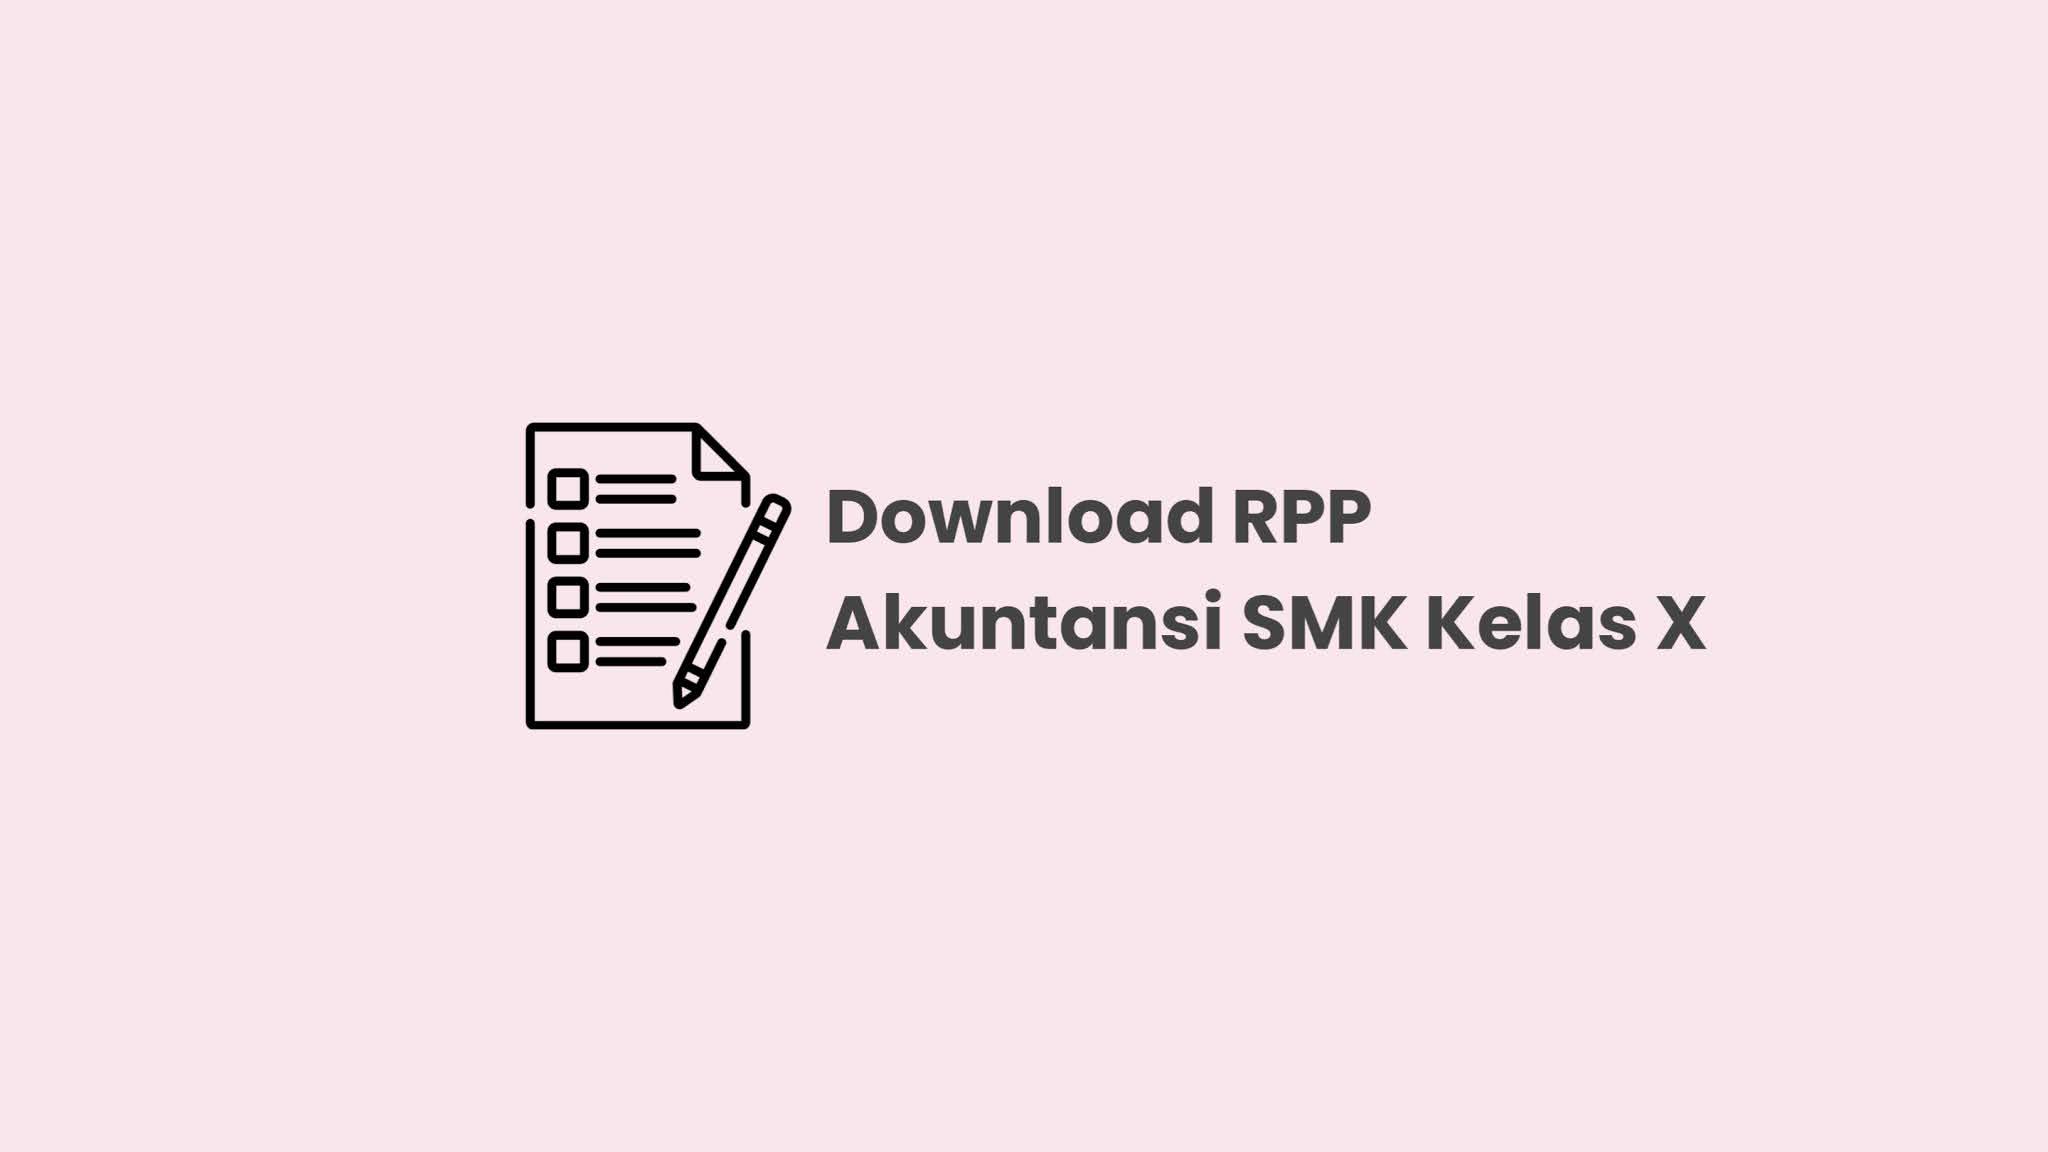 Download RPP Akuntansi SMK Kelas X Kurikulum 2013 Revisi 2017 Terbaru!